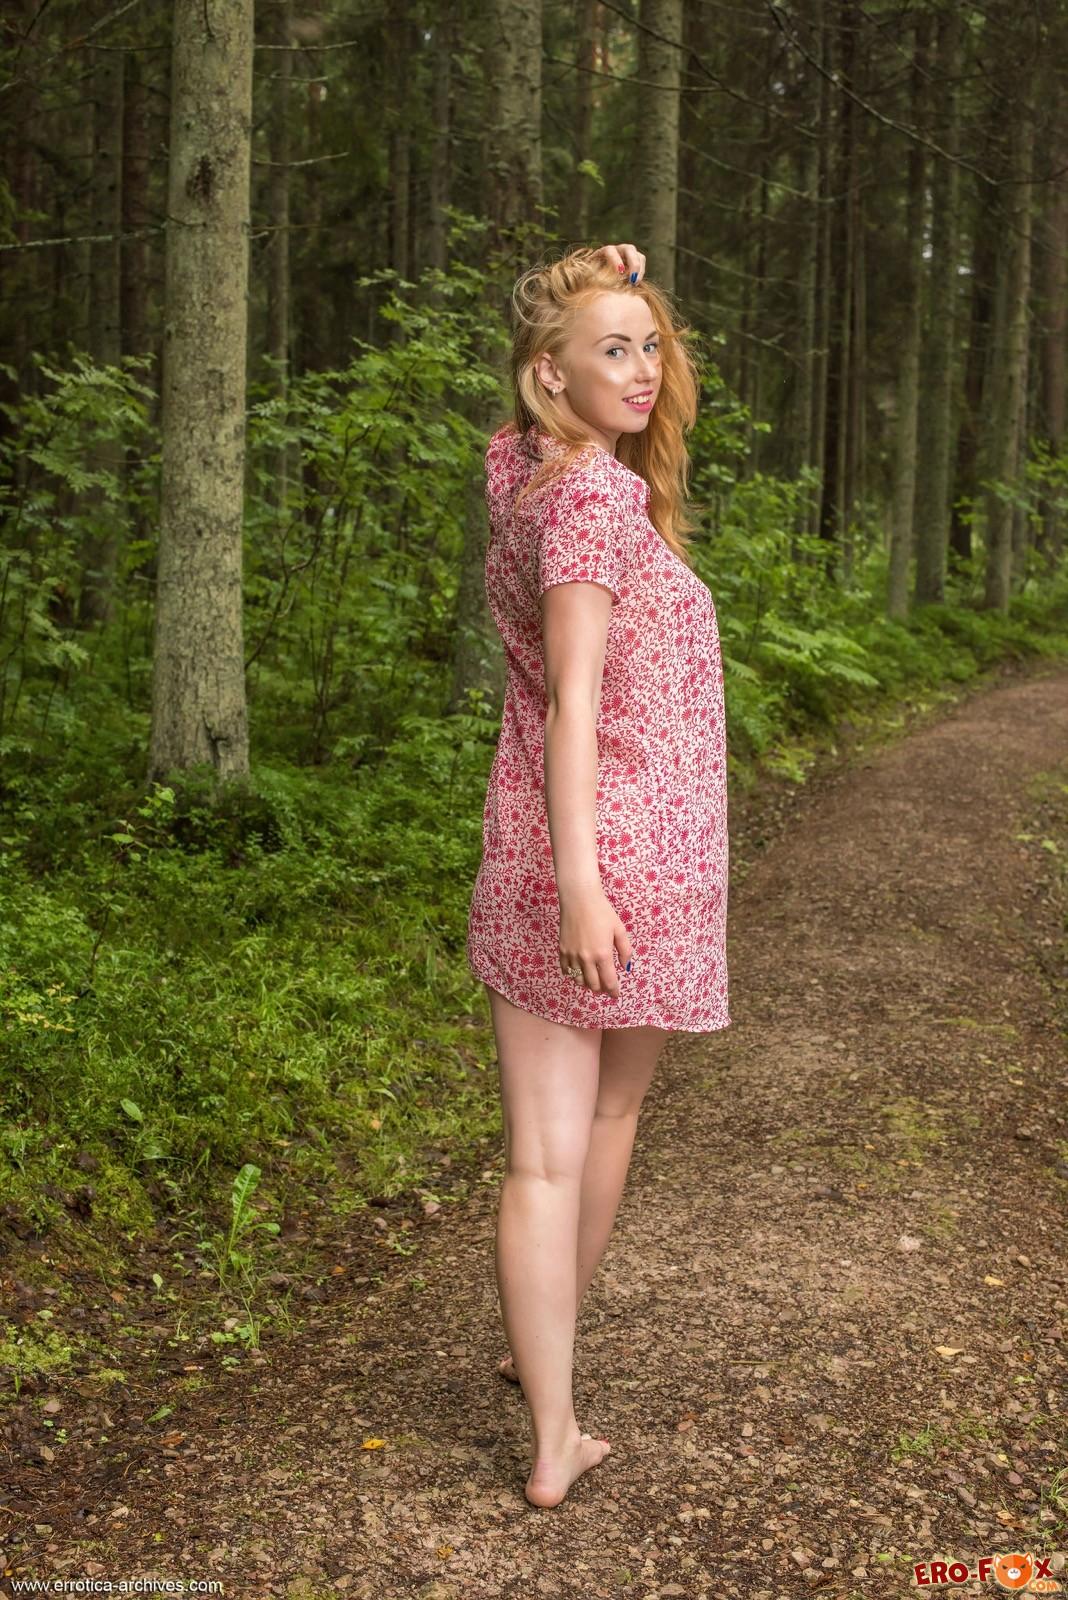 Аппетитная голая сучка гуляет в лесу - фото